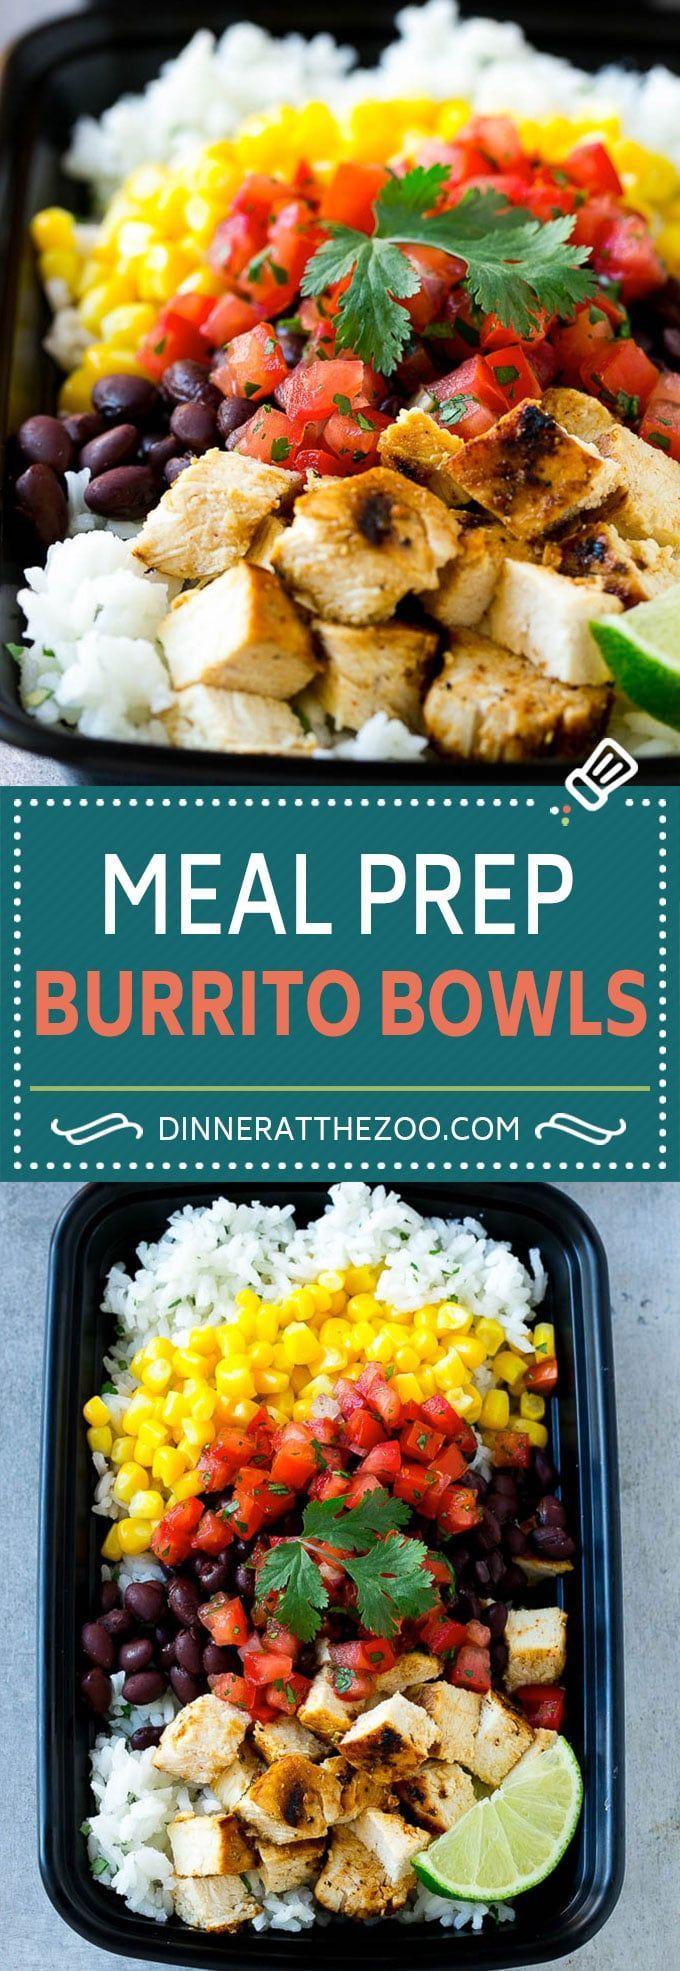 Meal Prep Burrito Bowls   Chicken Burrito Bowls   Meal Prep Recipe   Burrito Bowl Recipe